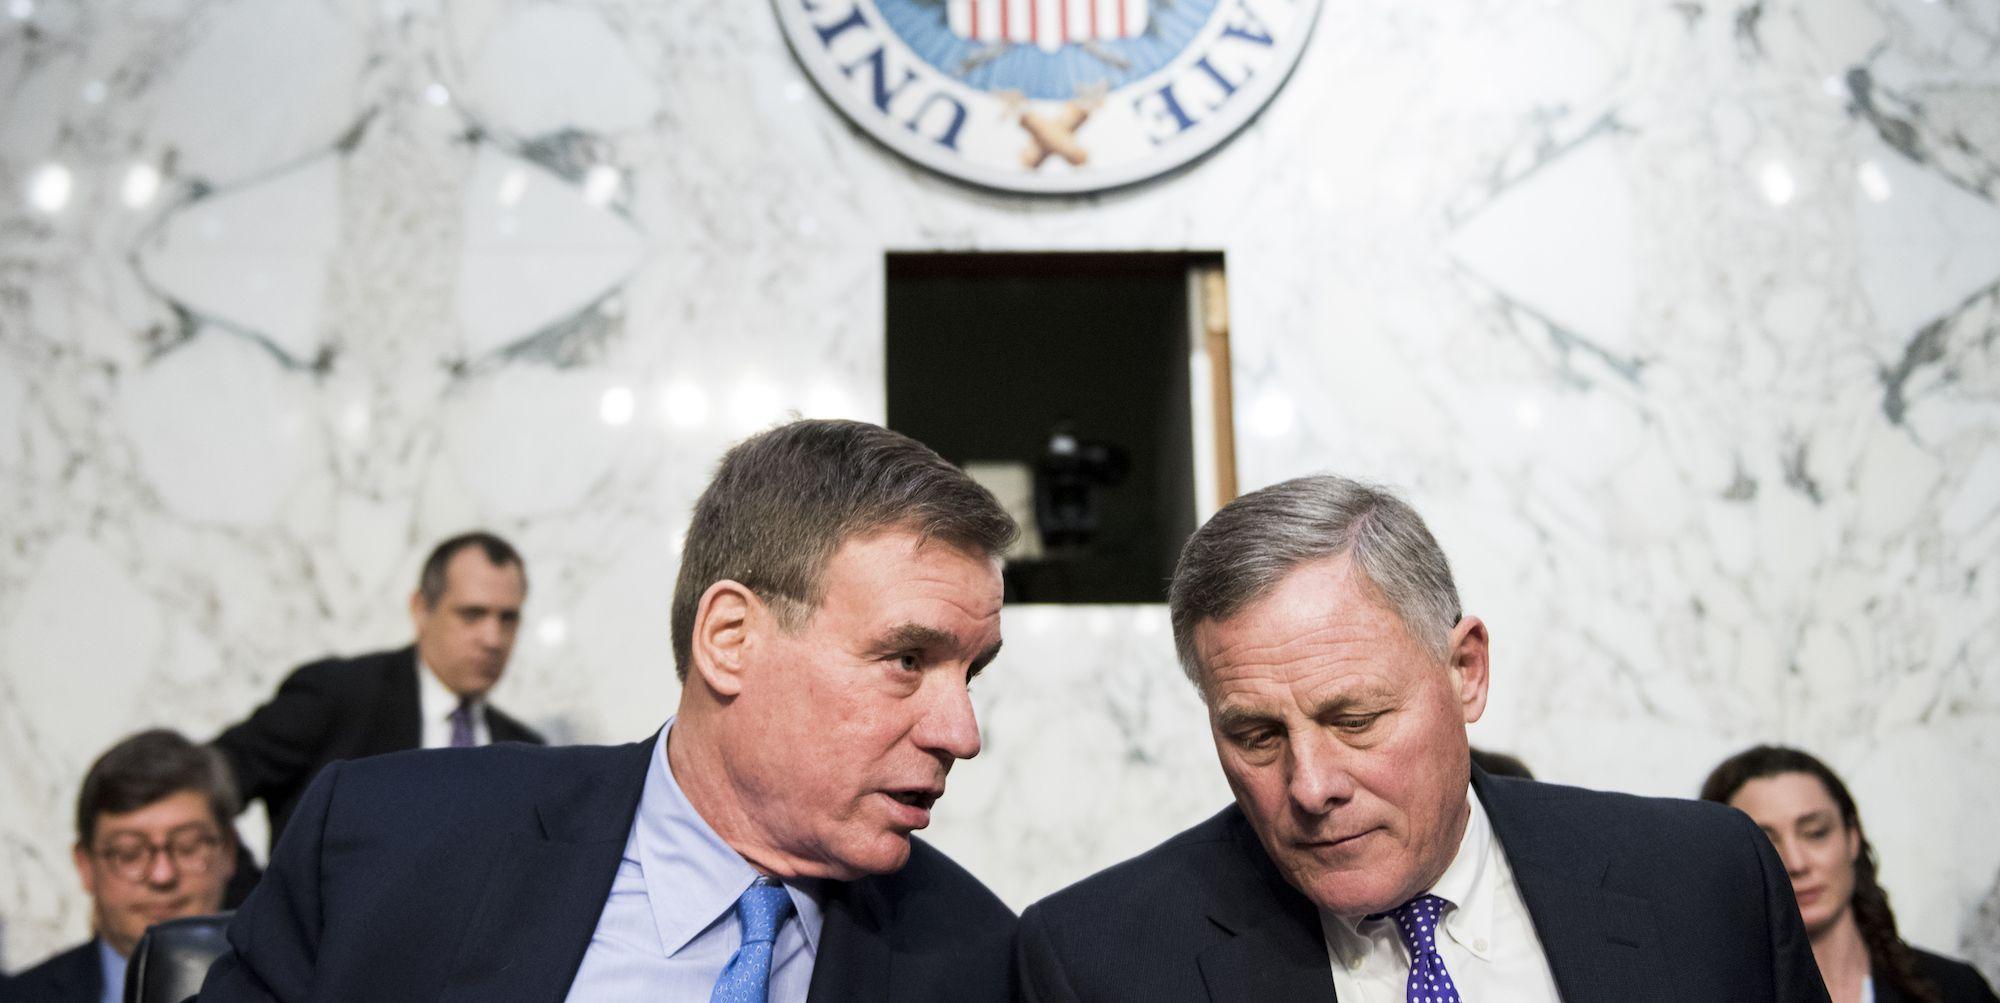 Senate Select Intelligence Committee